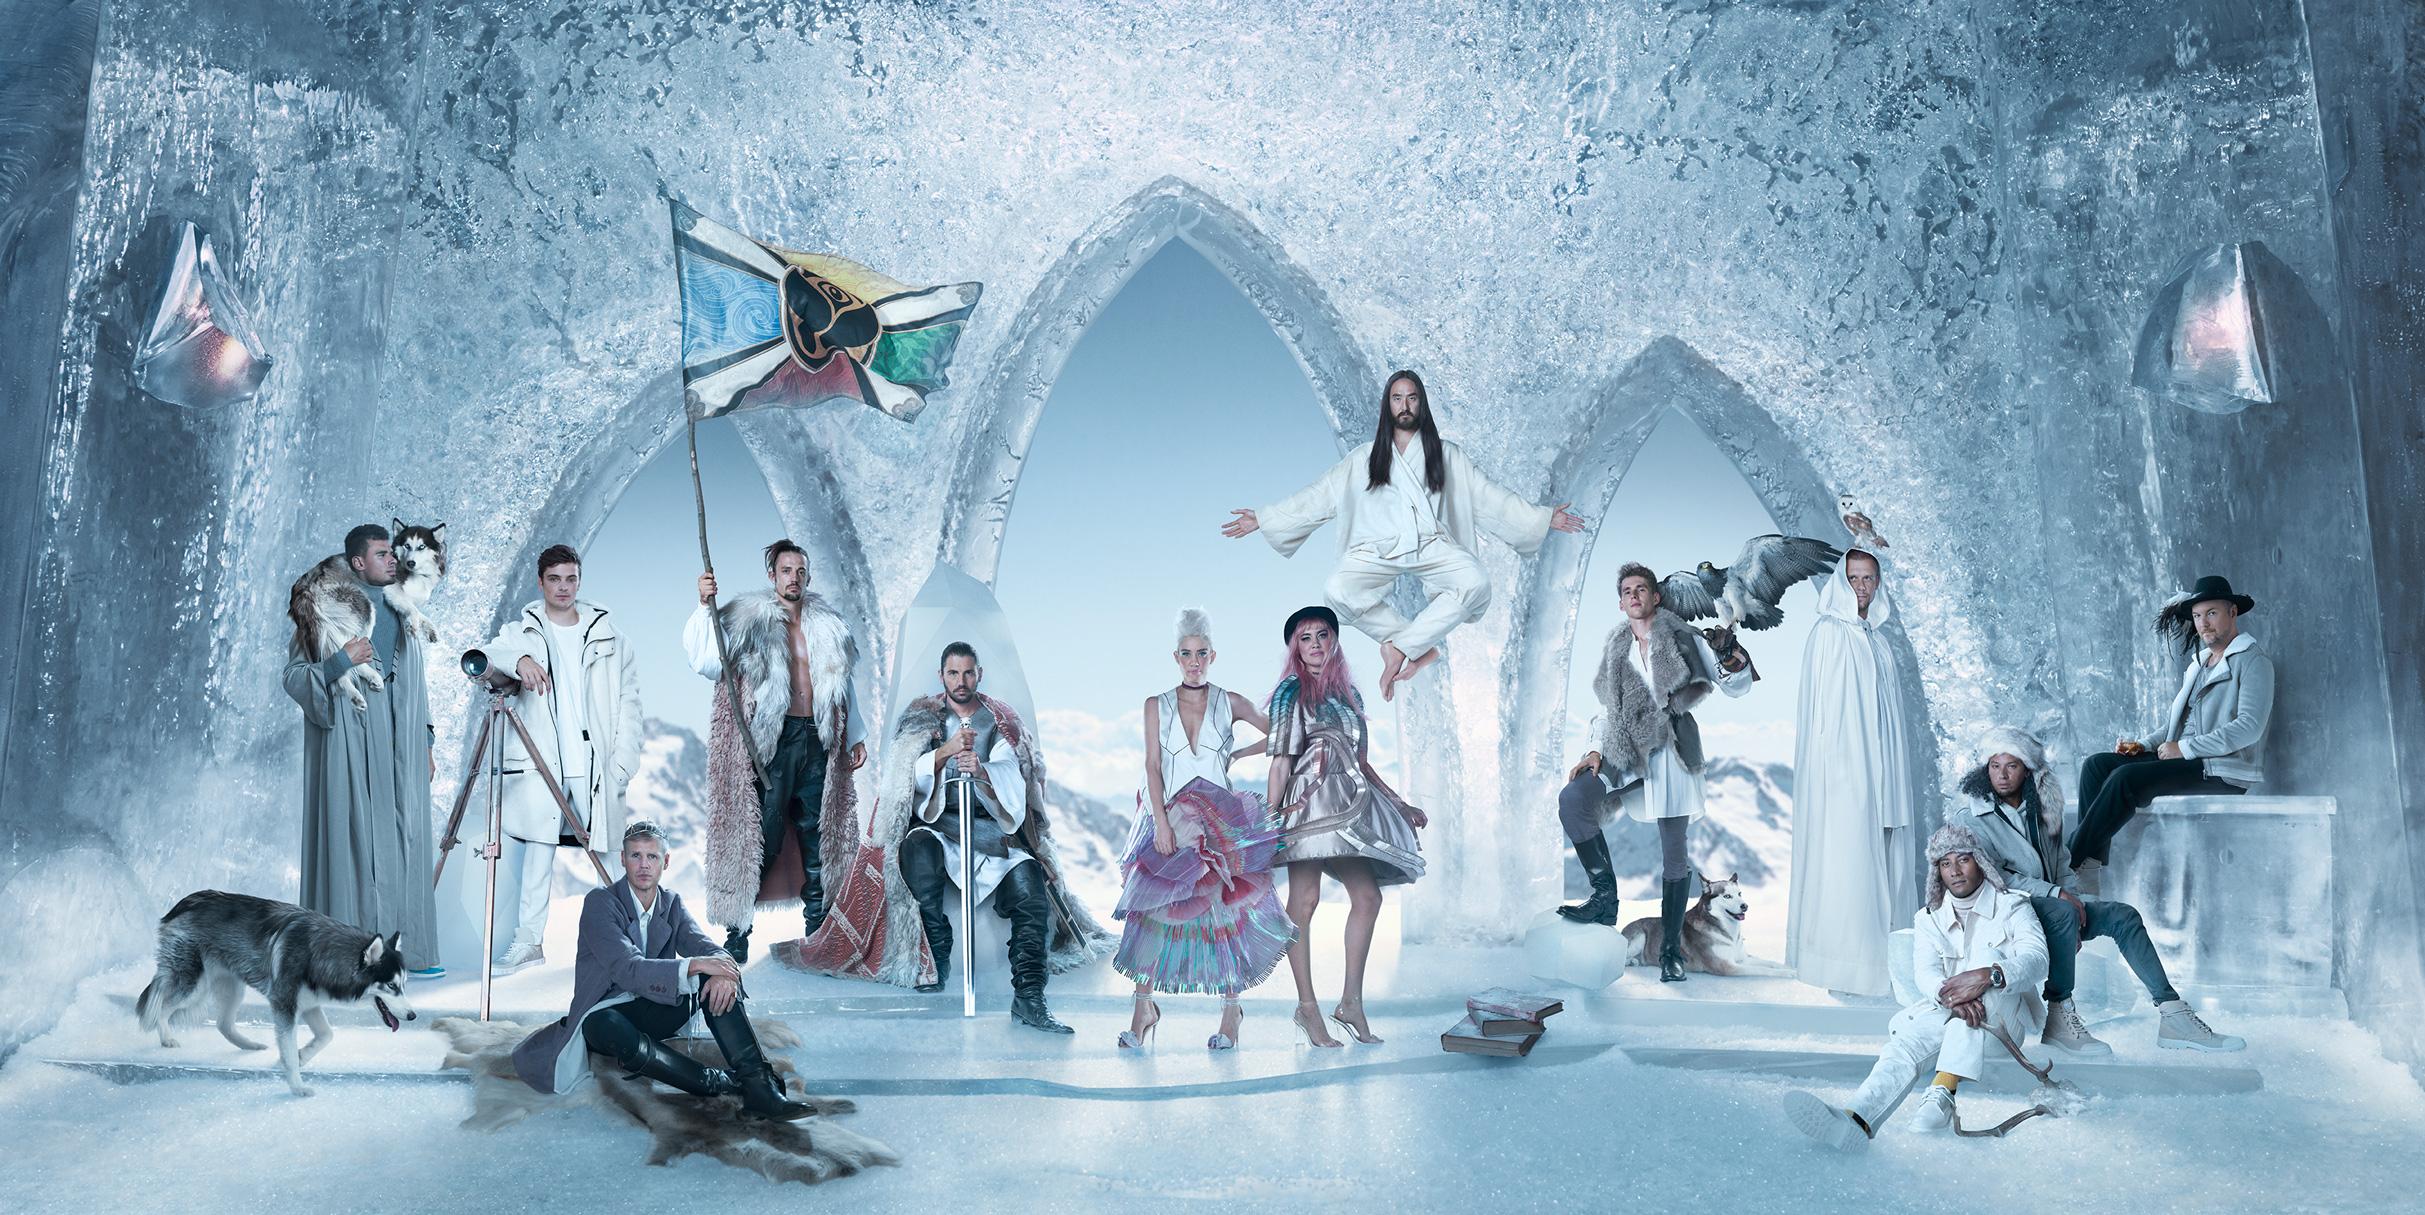 Tomorrowland Winter annunciata edizione invernale in Francia